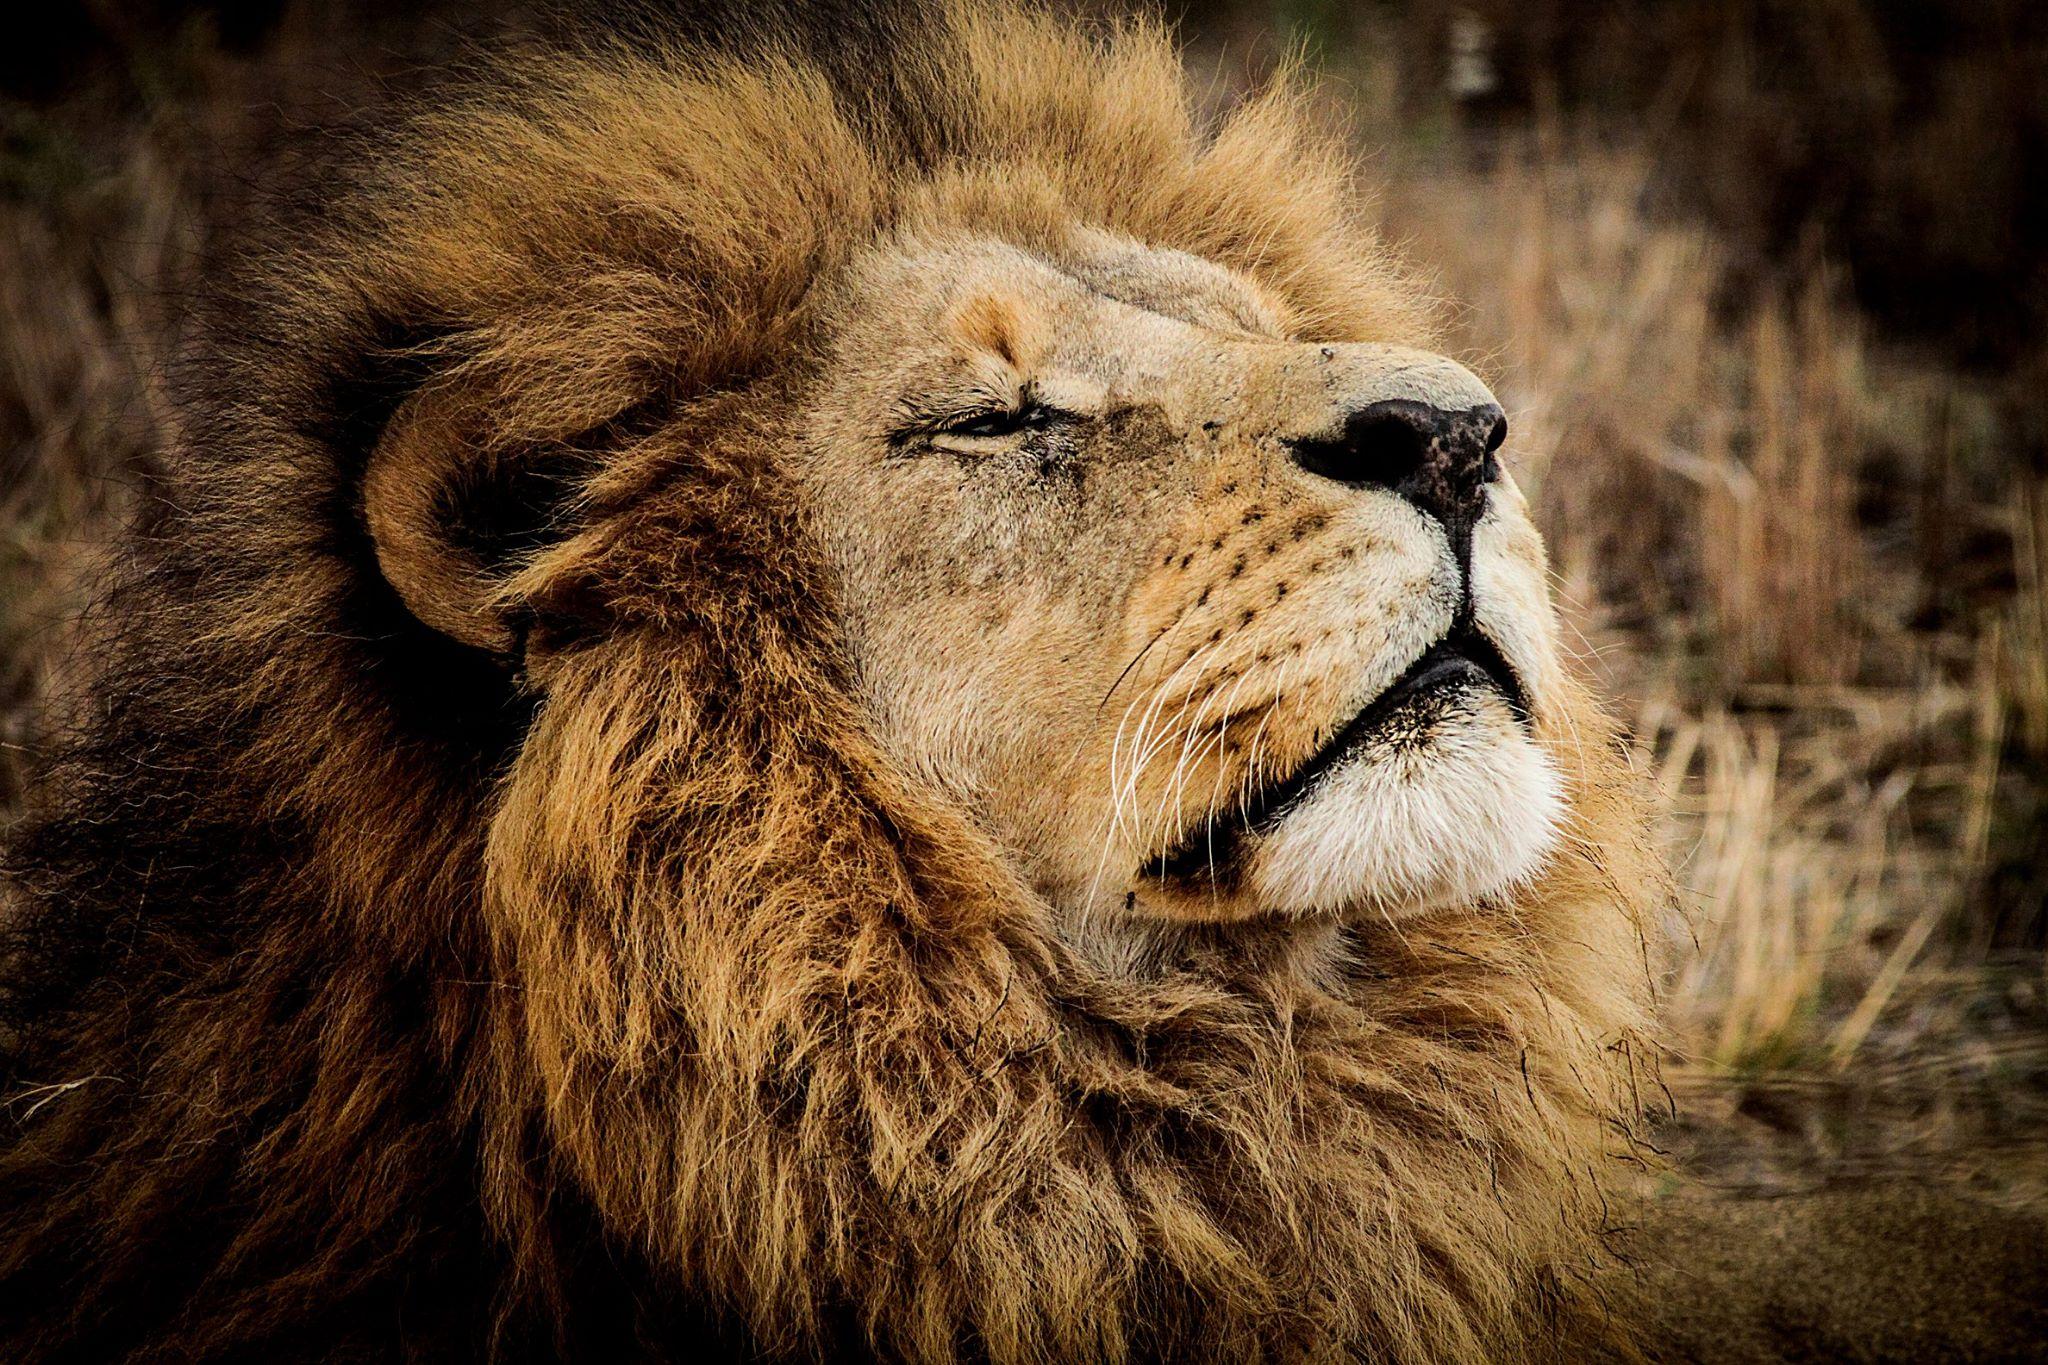 Animales: Animales Salvajes, CITES Y Leones